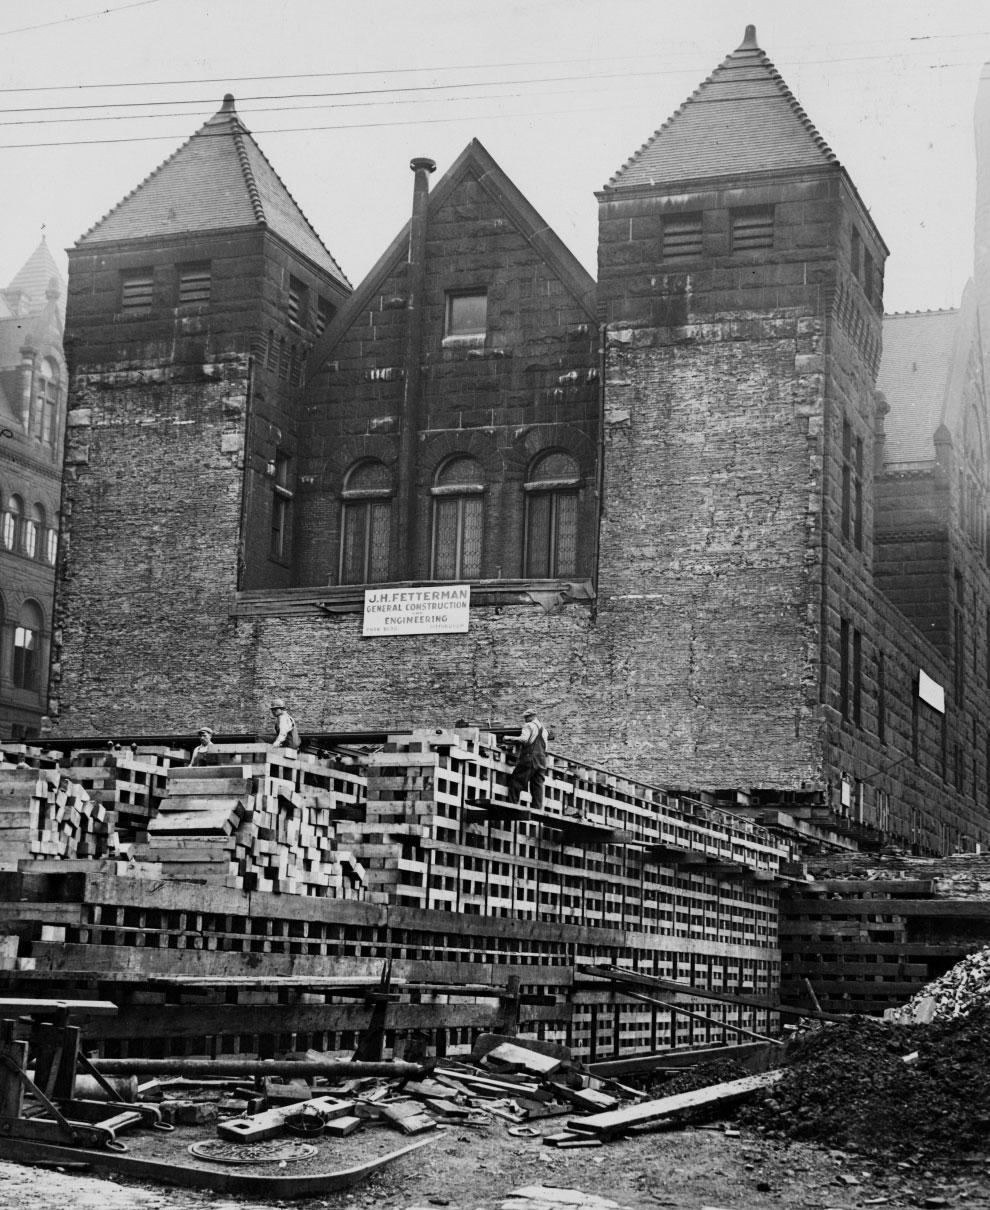 1929. Pittsburgh-i hullaház költöztetése. 94 méterre került odább az alig húsz éves épület._cr.jpg